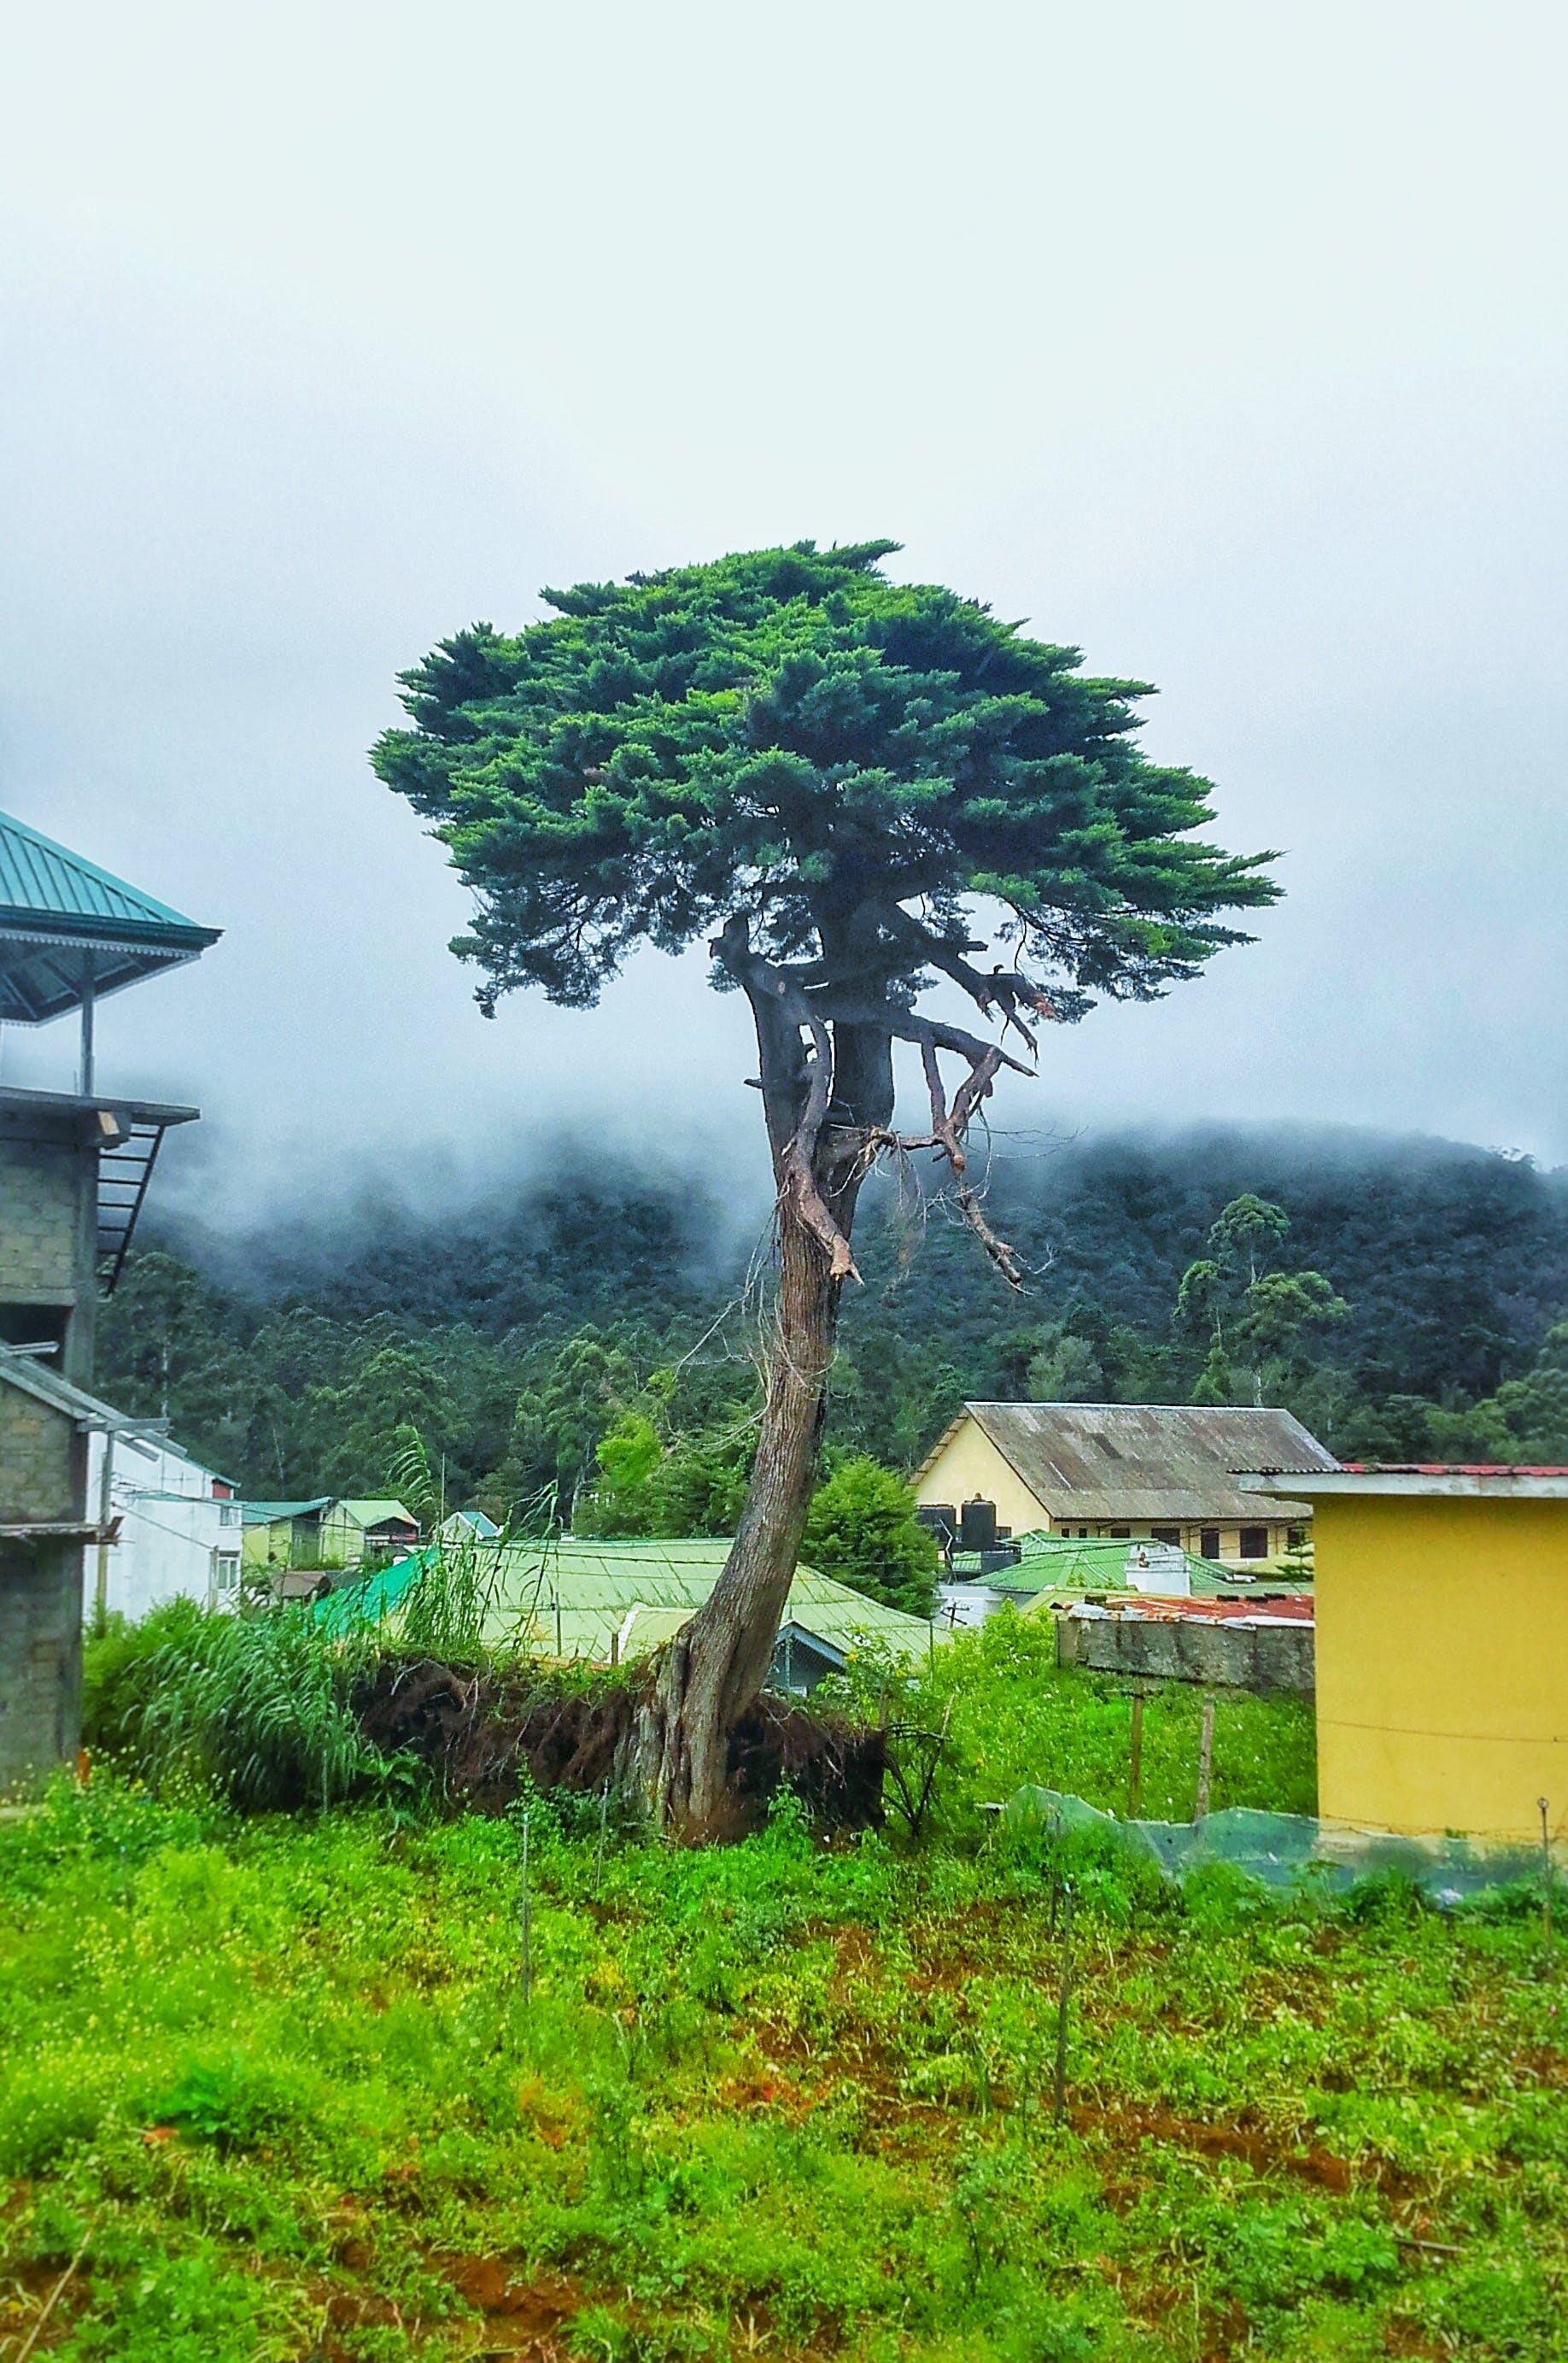 bonsai, landscape, nature